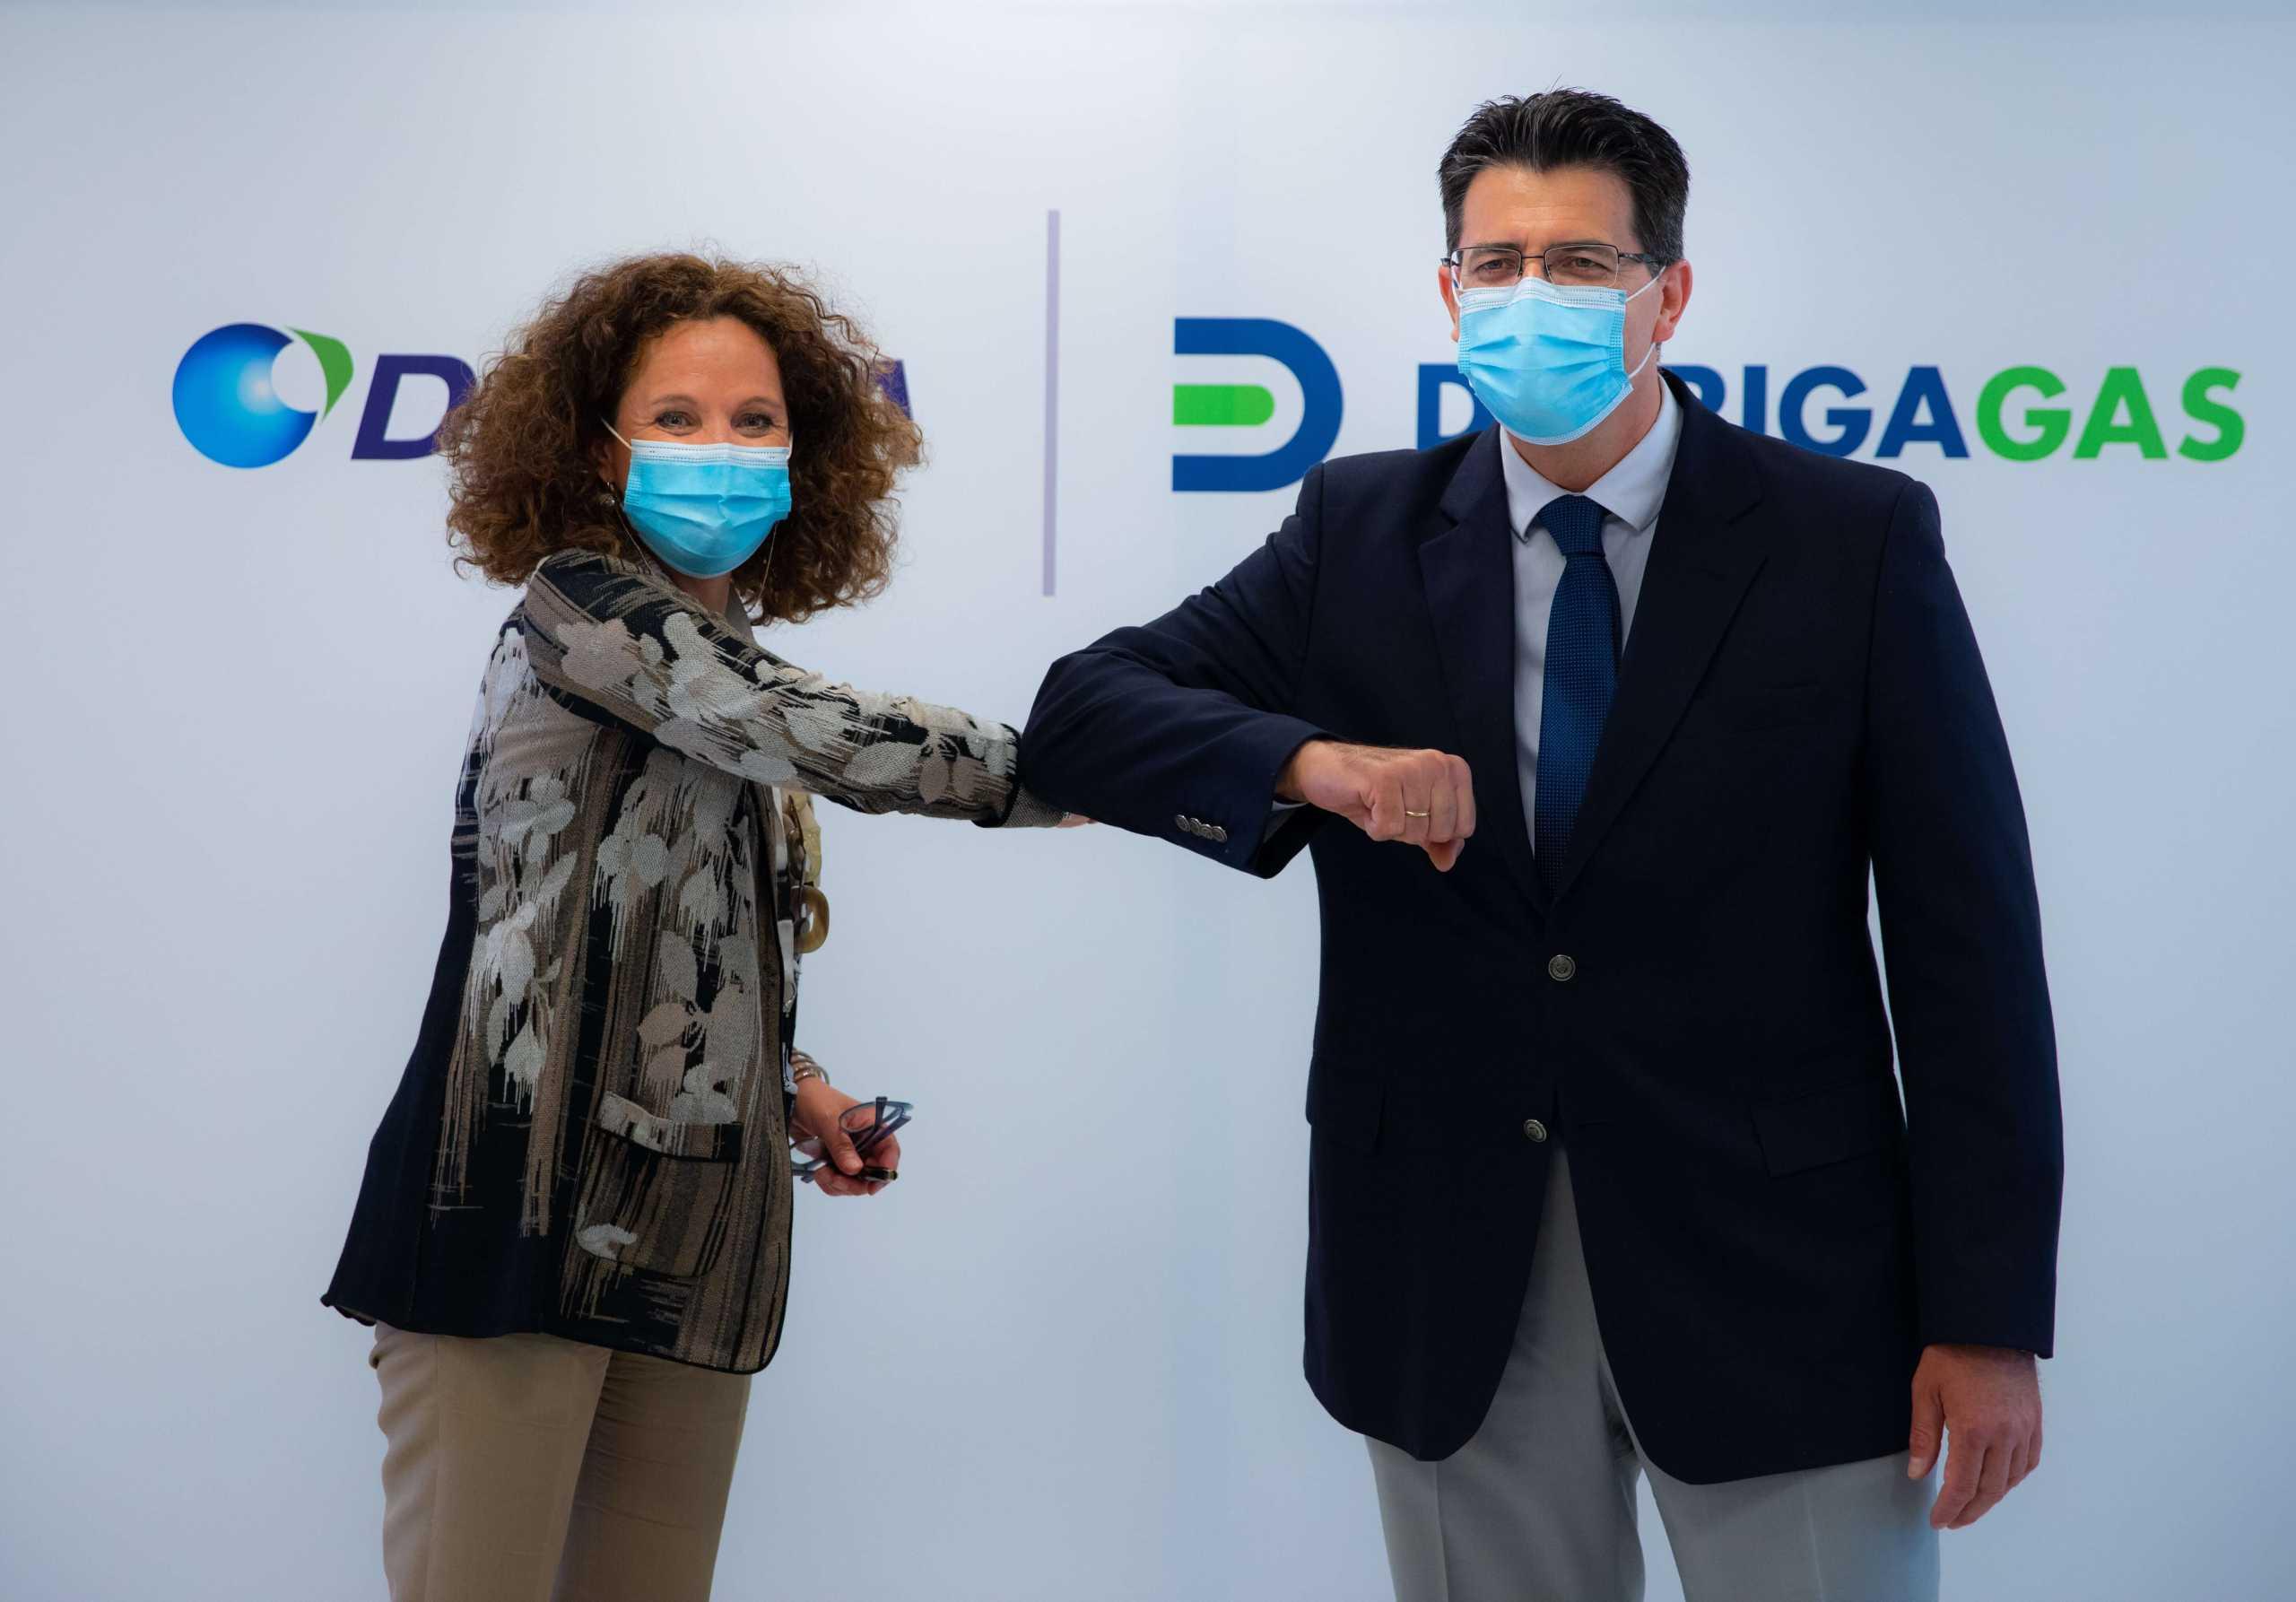 ΔΕΣΦΑ: Σύμβαση με τη ΔιώρυγαGasγια τη δημιουργία πύλης εισόδου φυσικού αερίου